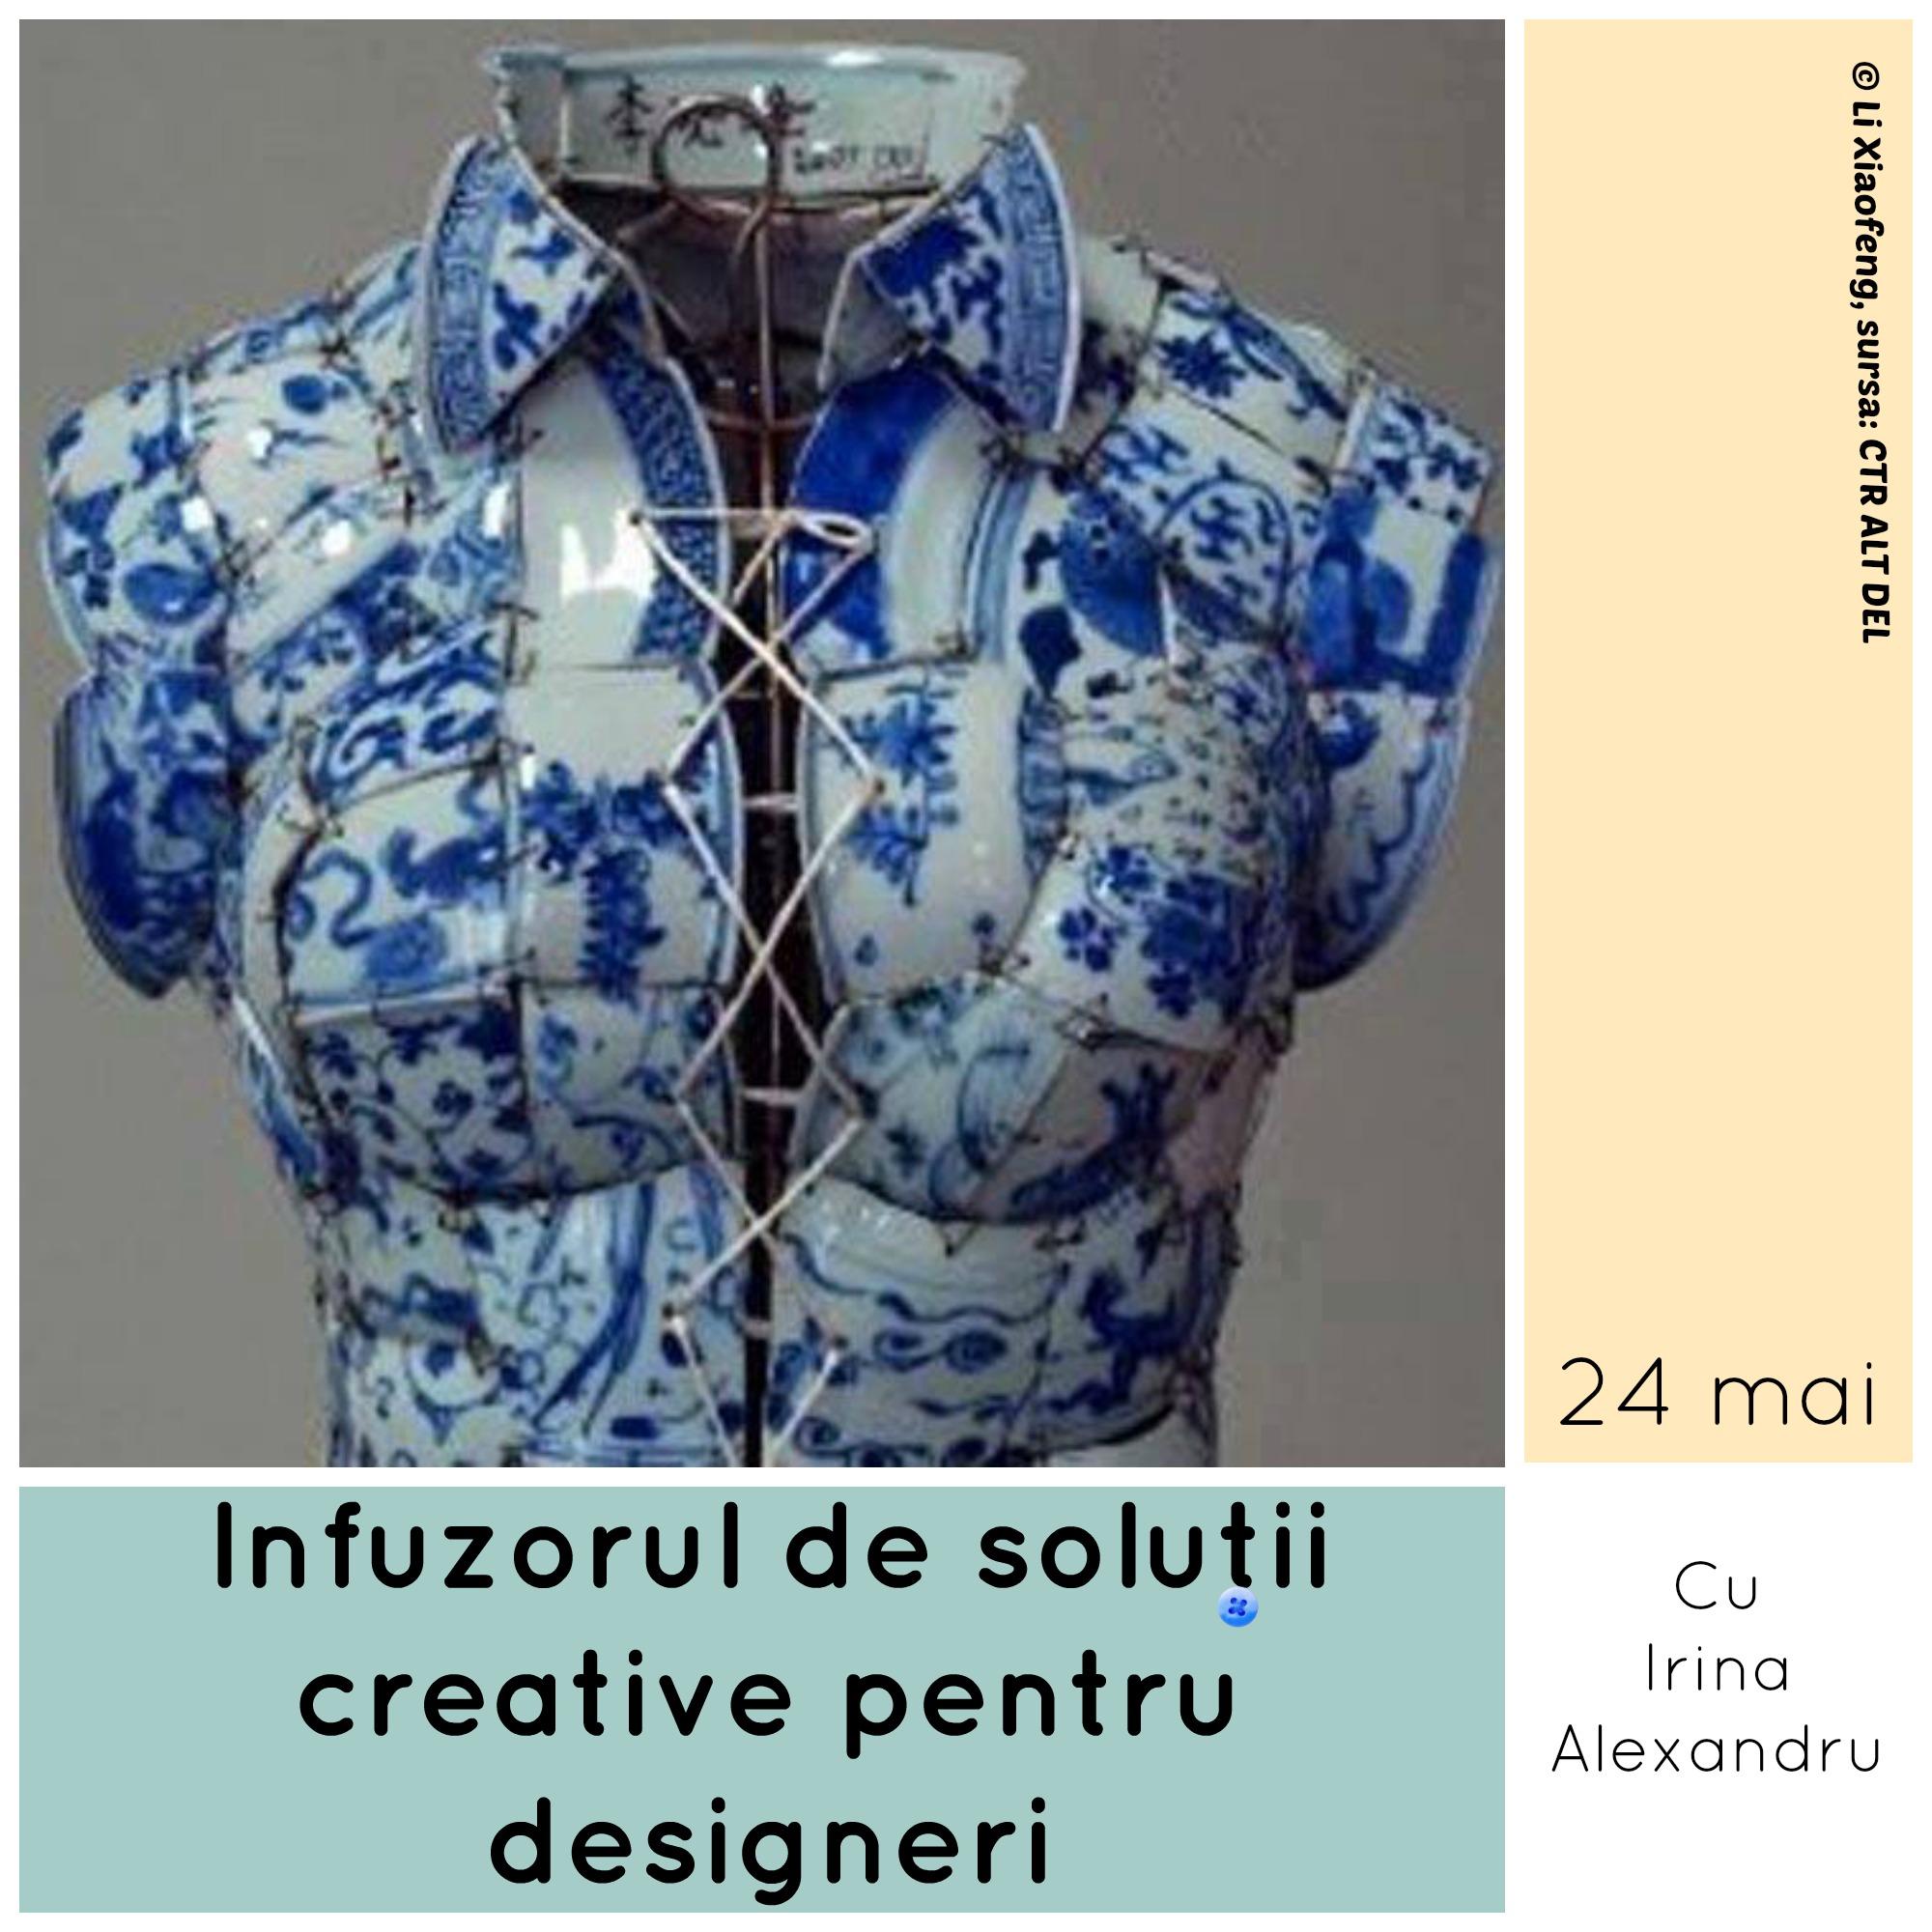 Infuzorul de soluții creative pentru designeri, marca Formare Culturală